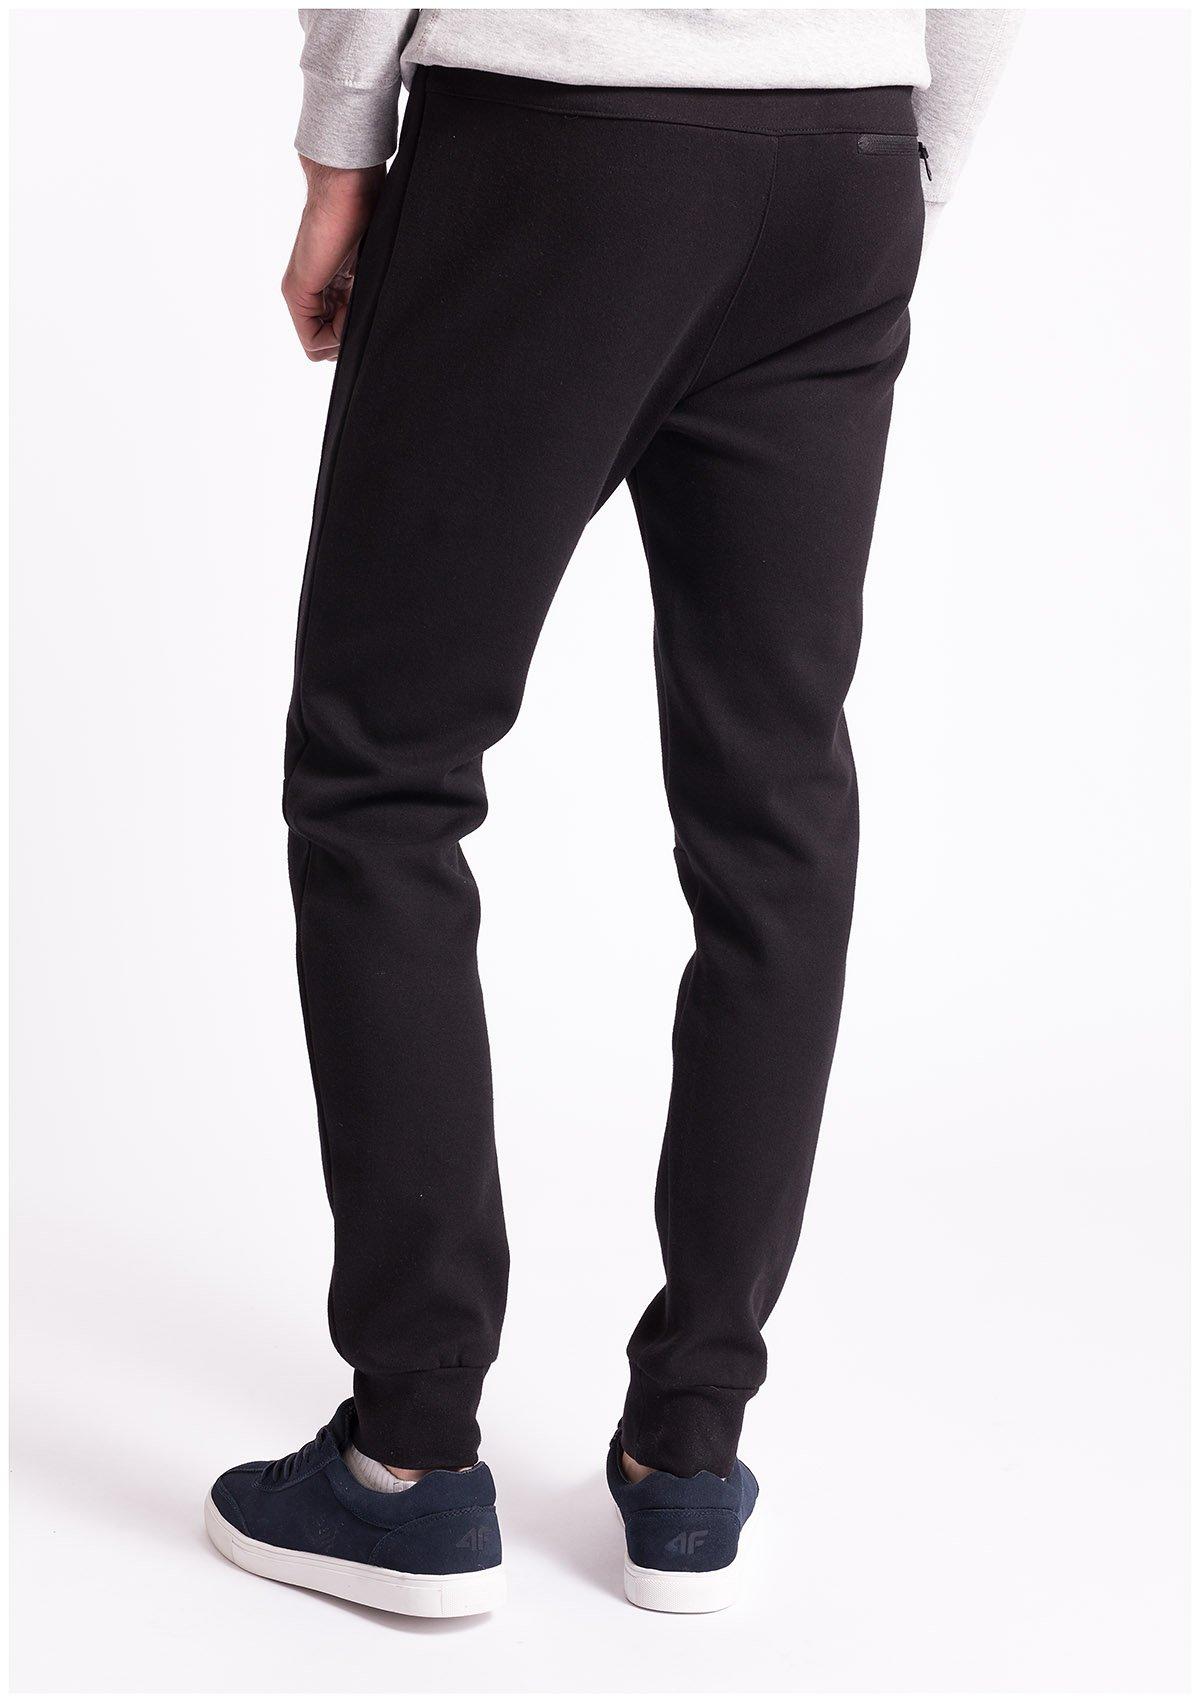 badd8c9b3 Spodnie dresowe męskie SPMD256Z - czarny